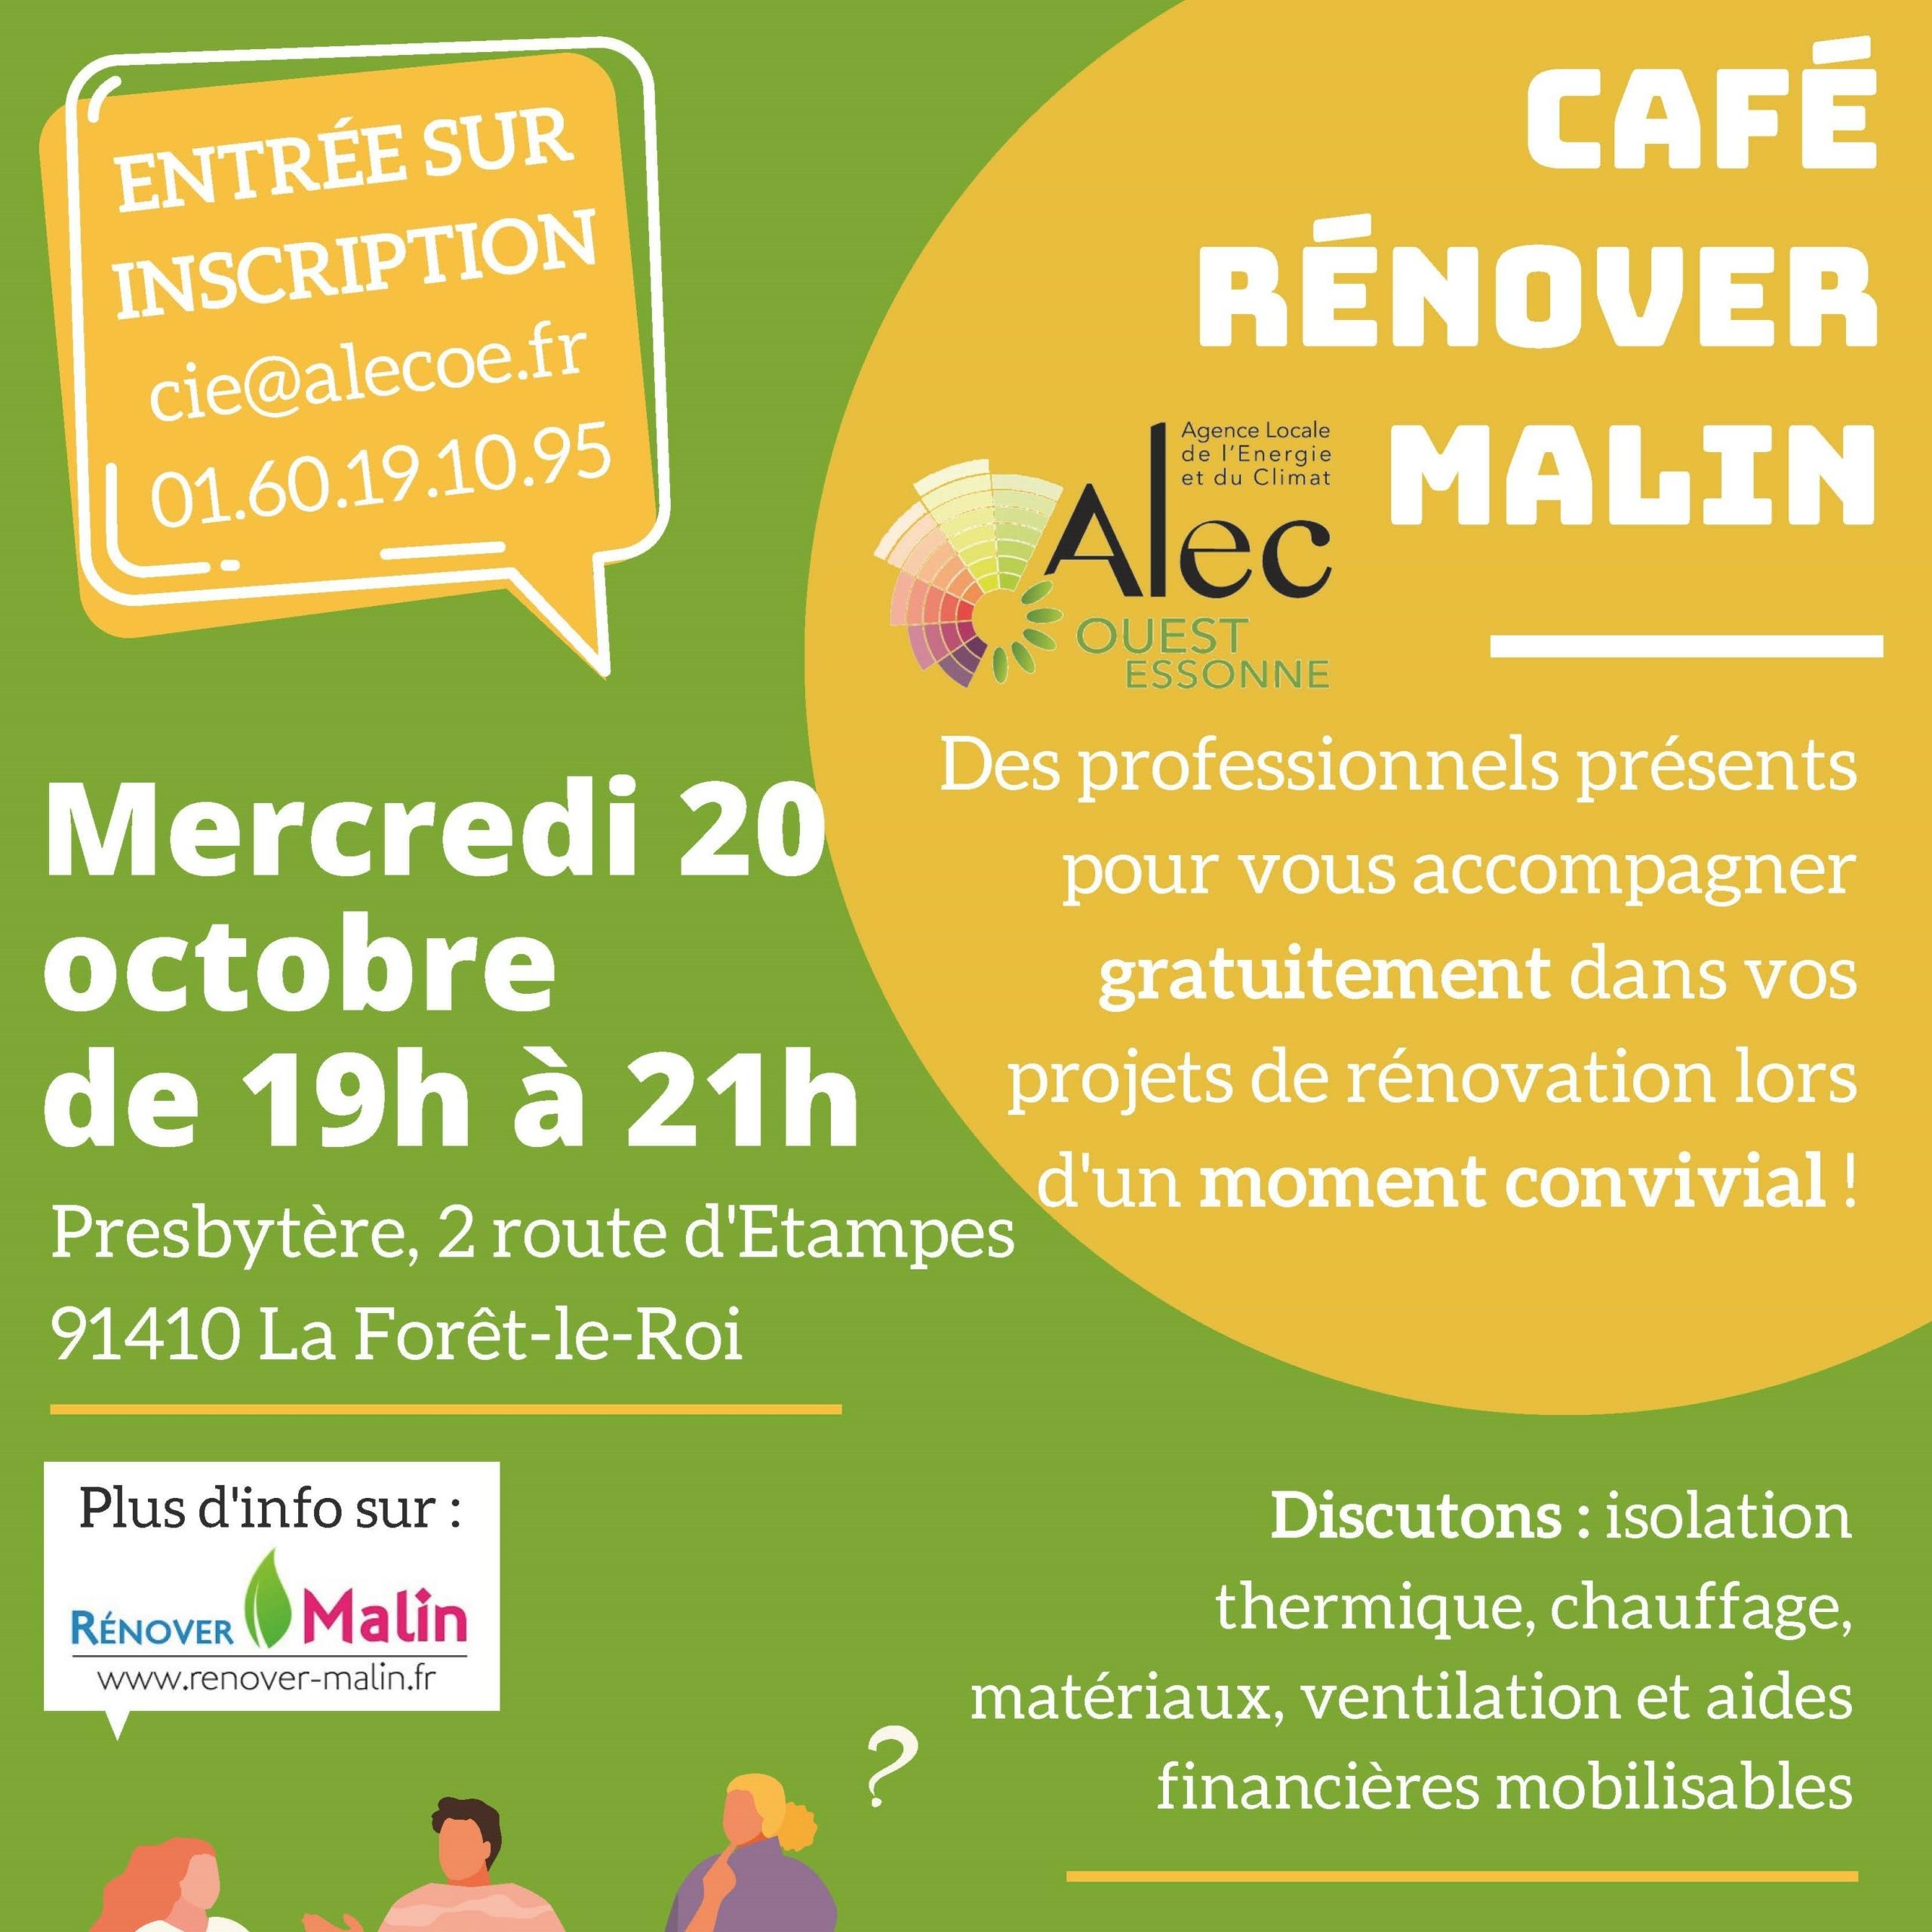 Café Rénover Malin : le rendez-vous pour avancer dans vos projets de rénovation !